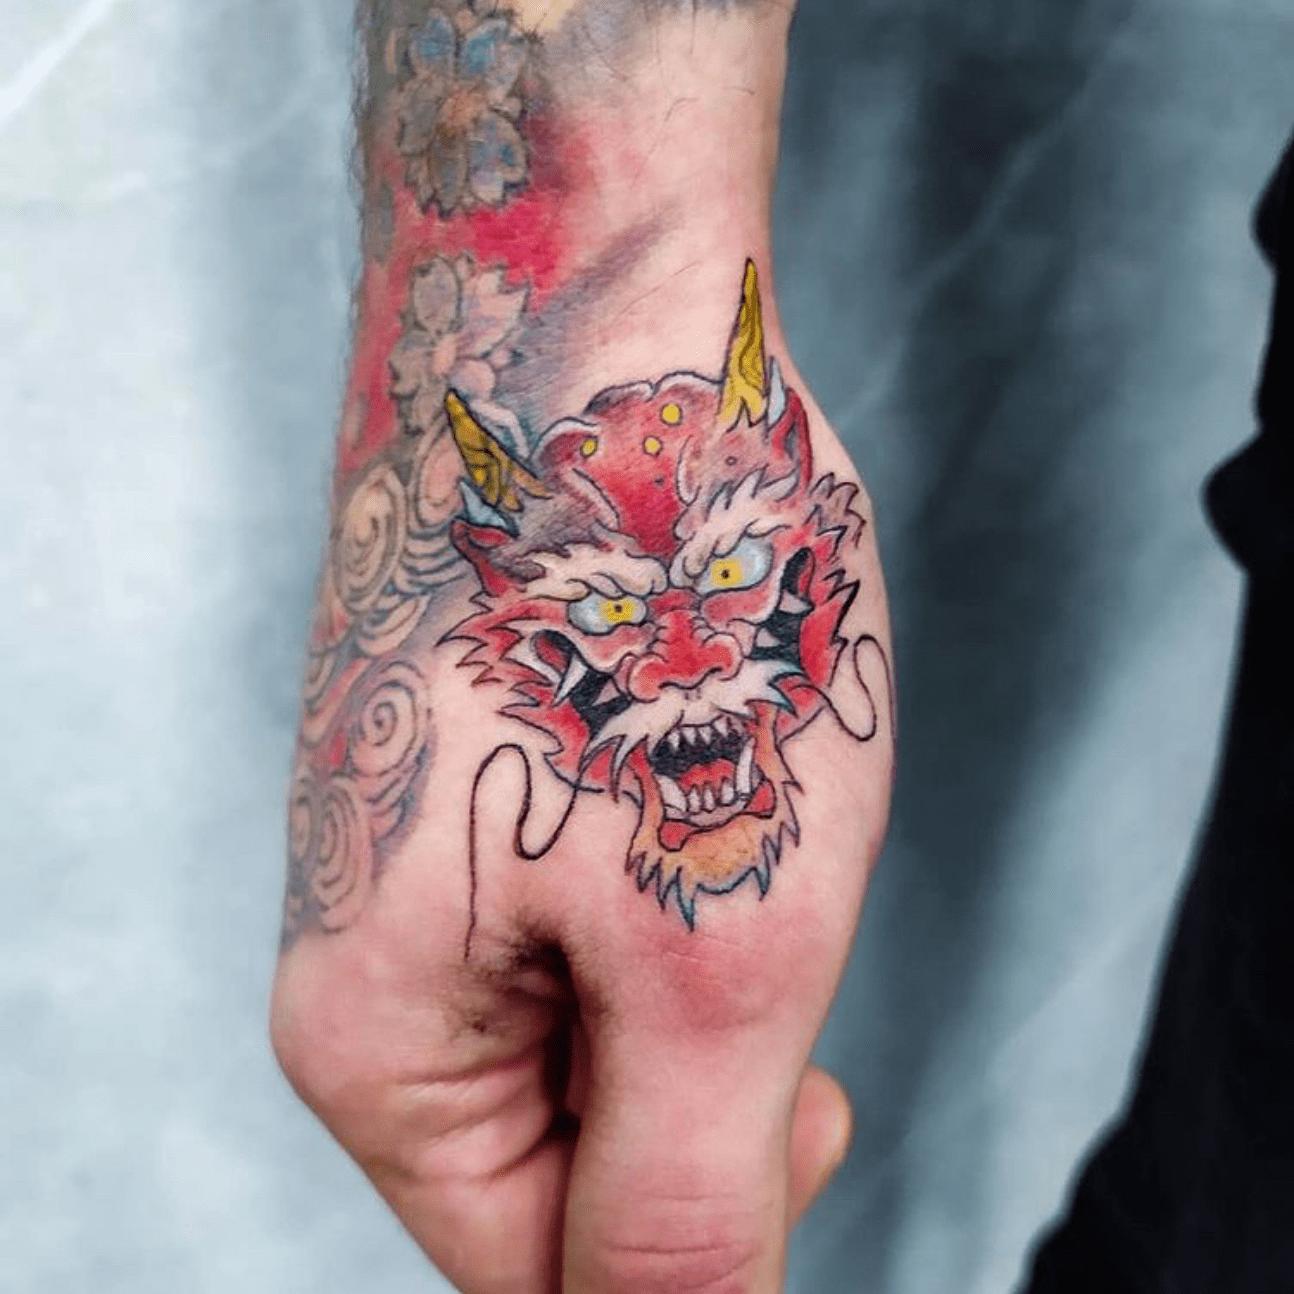 tatuaggi creativi a roma